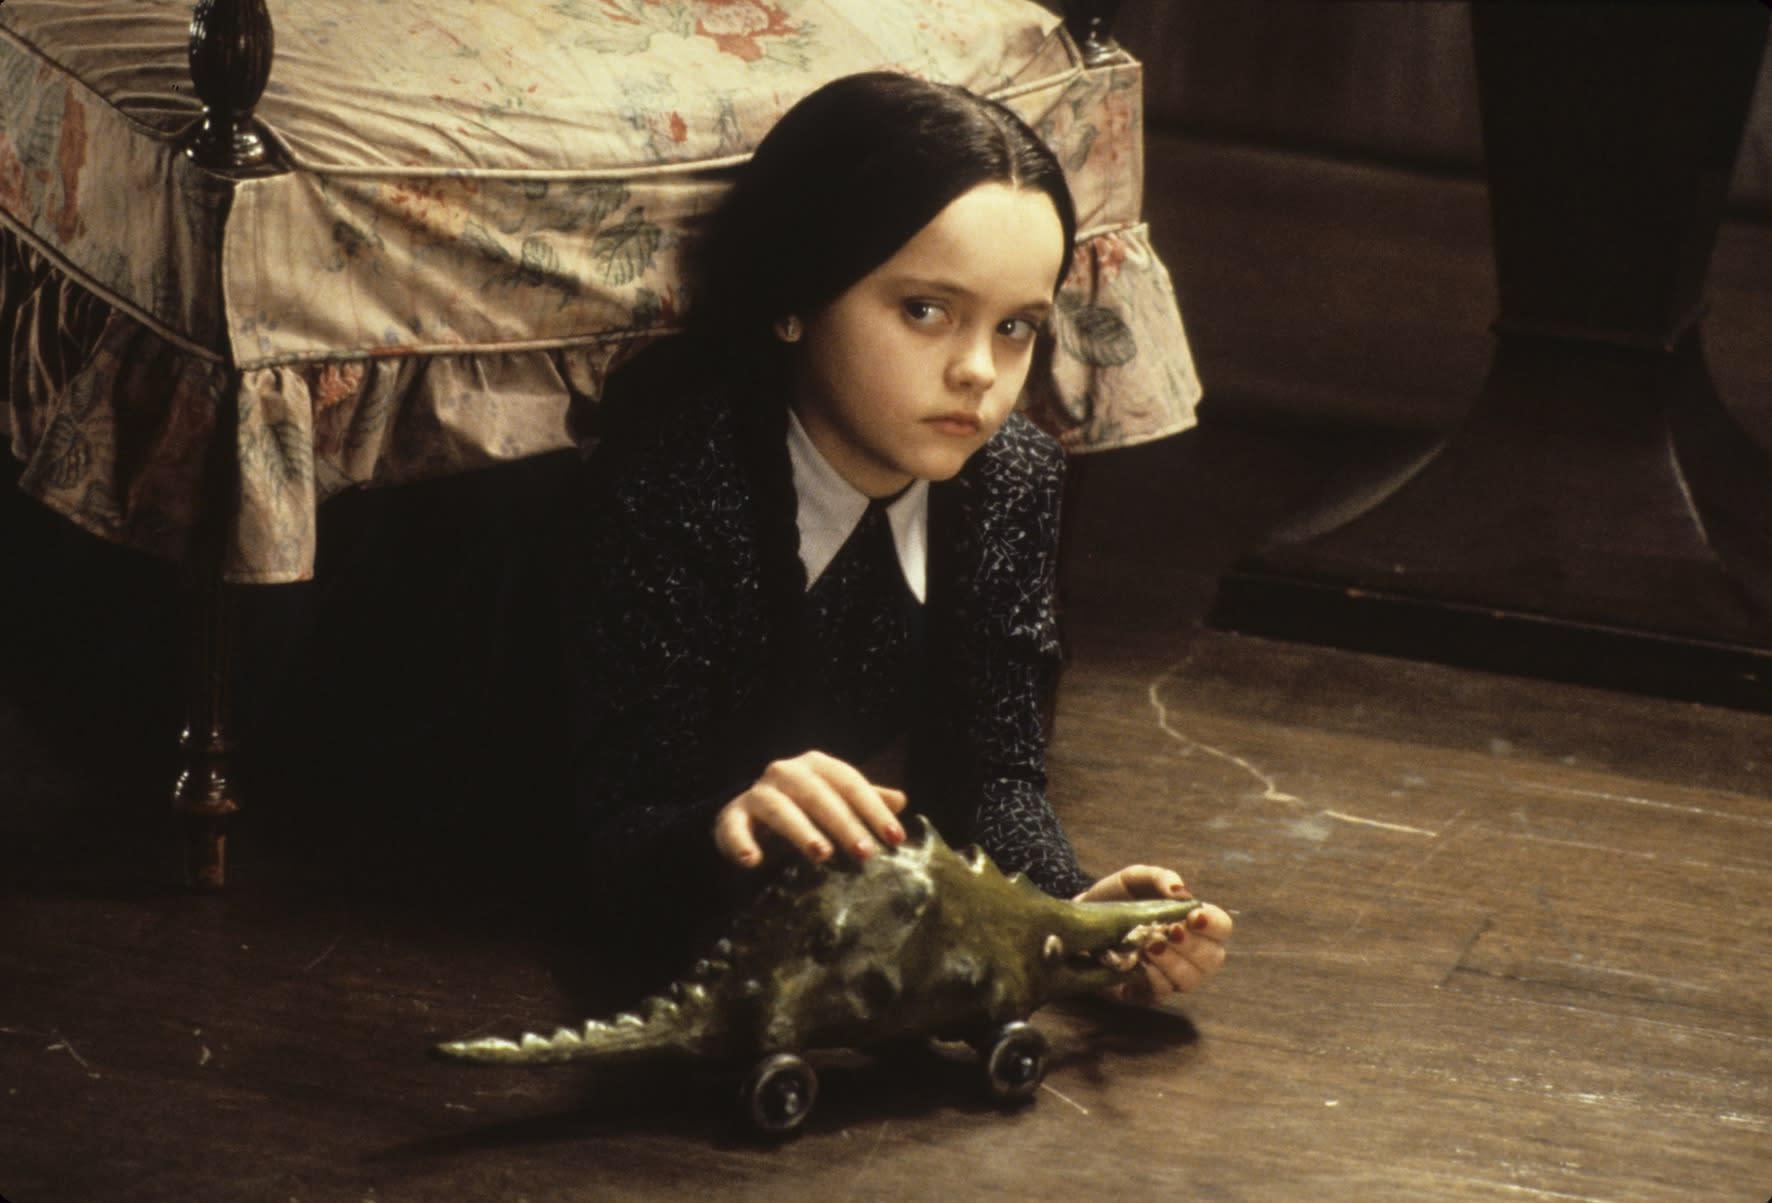 QUIZ: ¿Cómo se llama la hija de Los Locos Addams? ¡Demuestra cuánto sabes sobre la serie que está de moda otra vez!